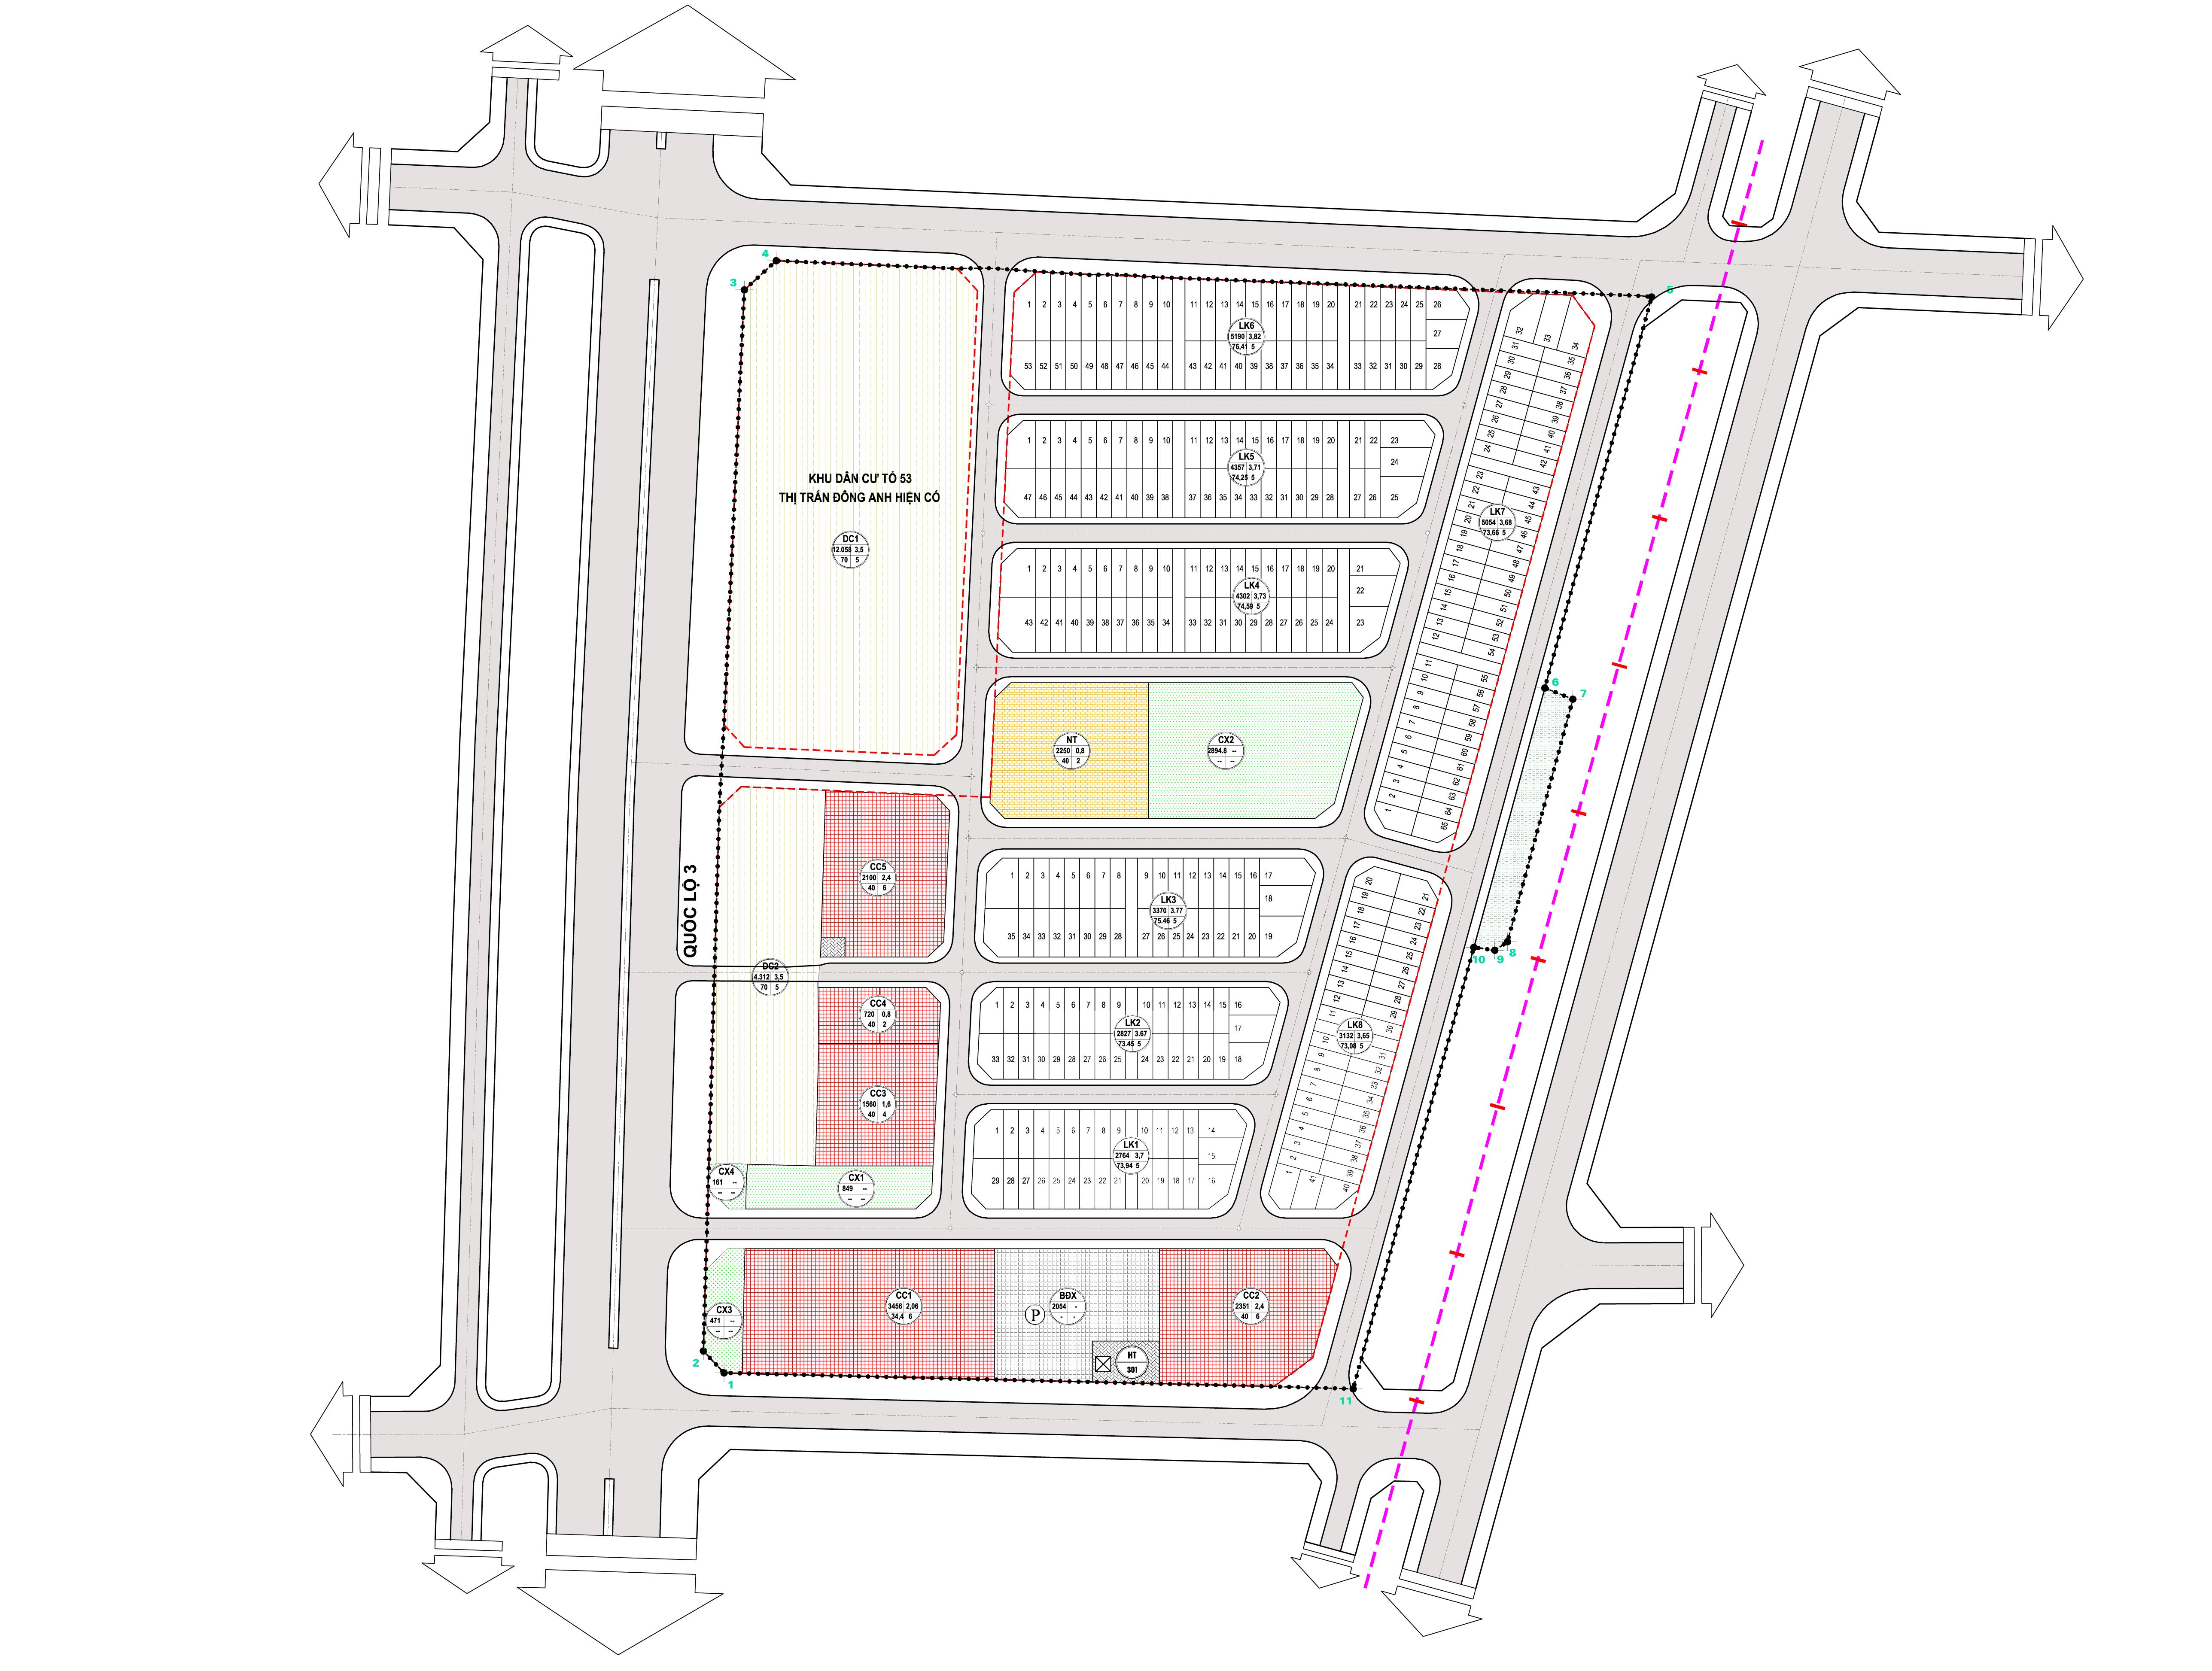 Khu thương mại, dịch vụ, nhà ở 1-5 - sơ đồ dự án